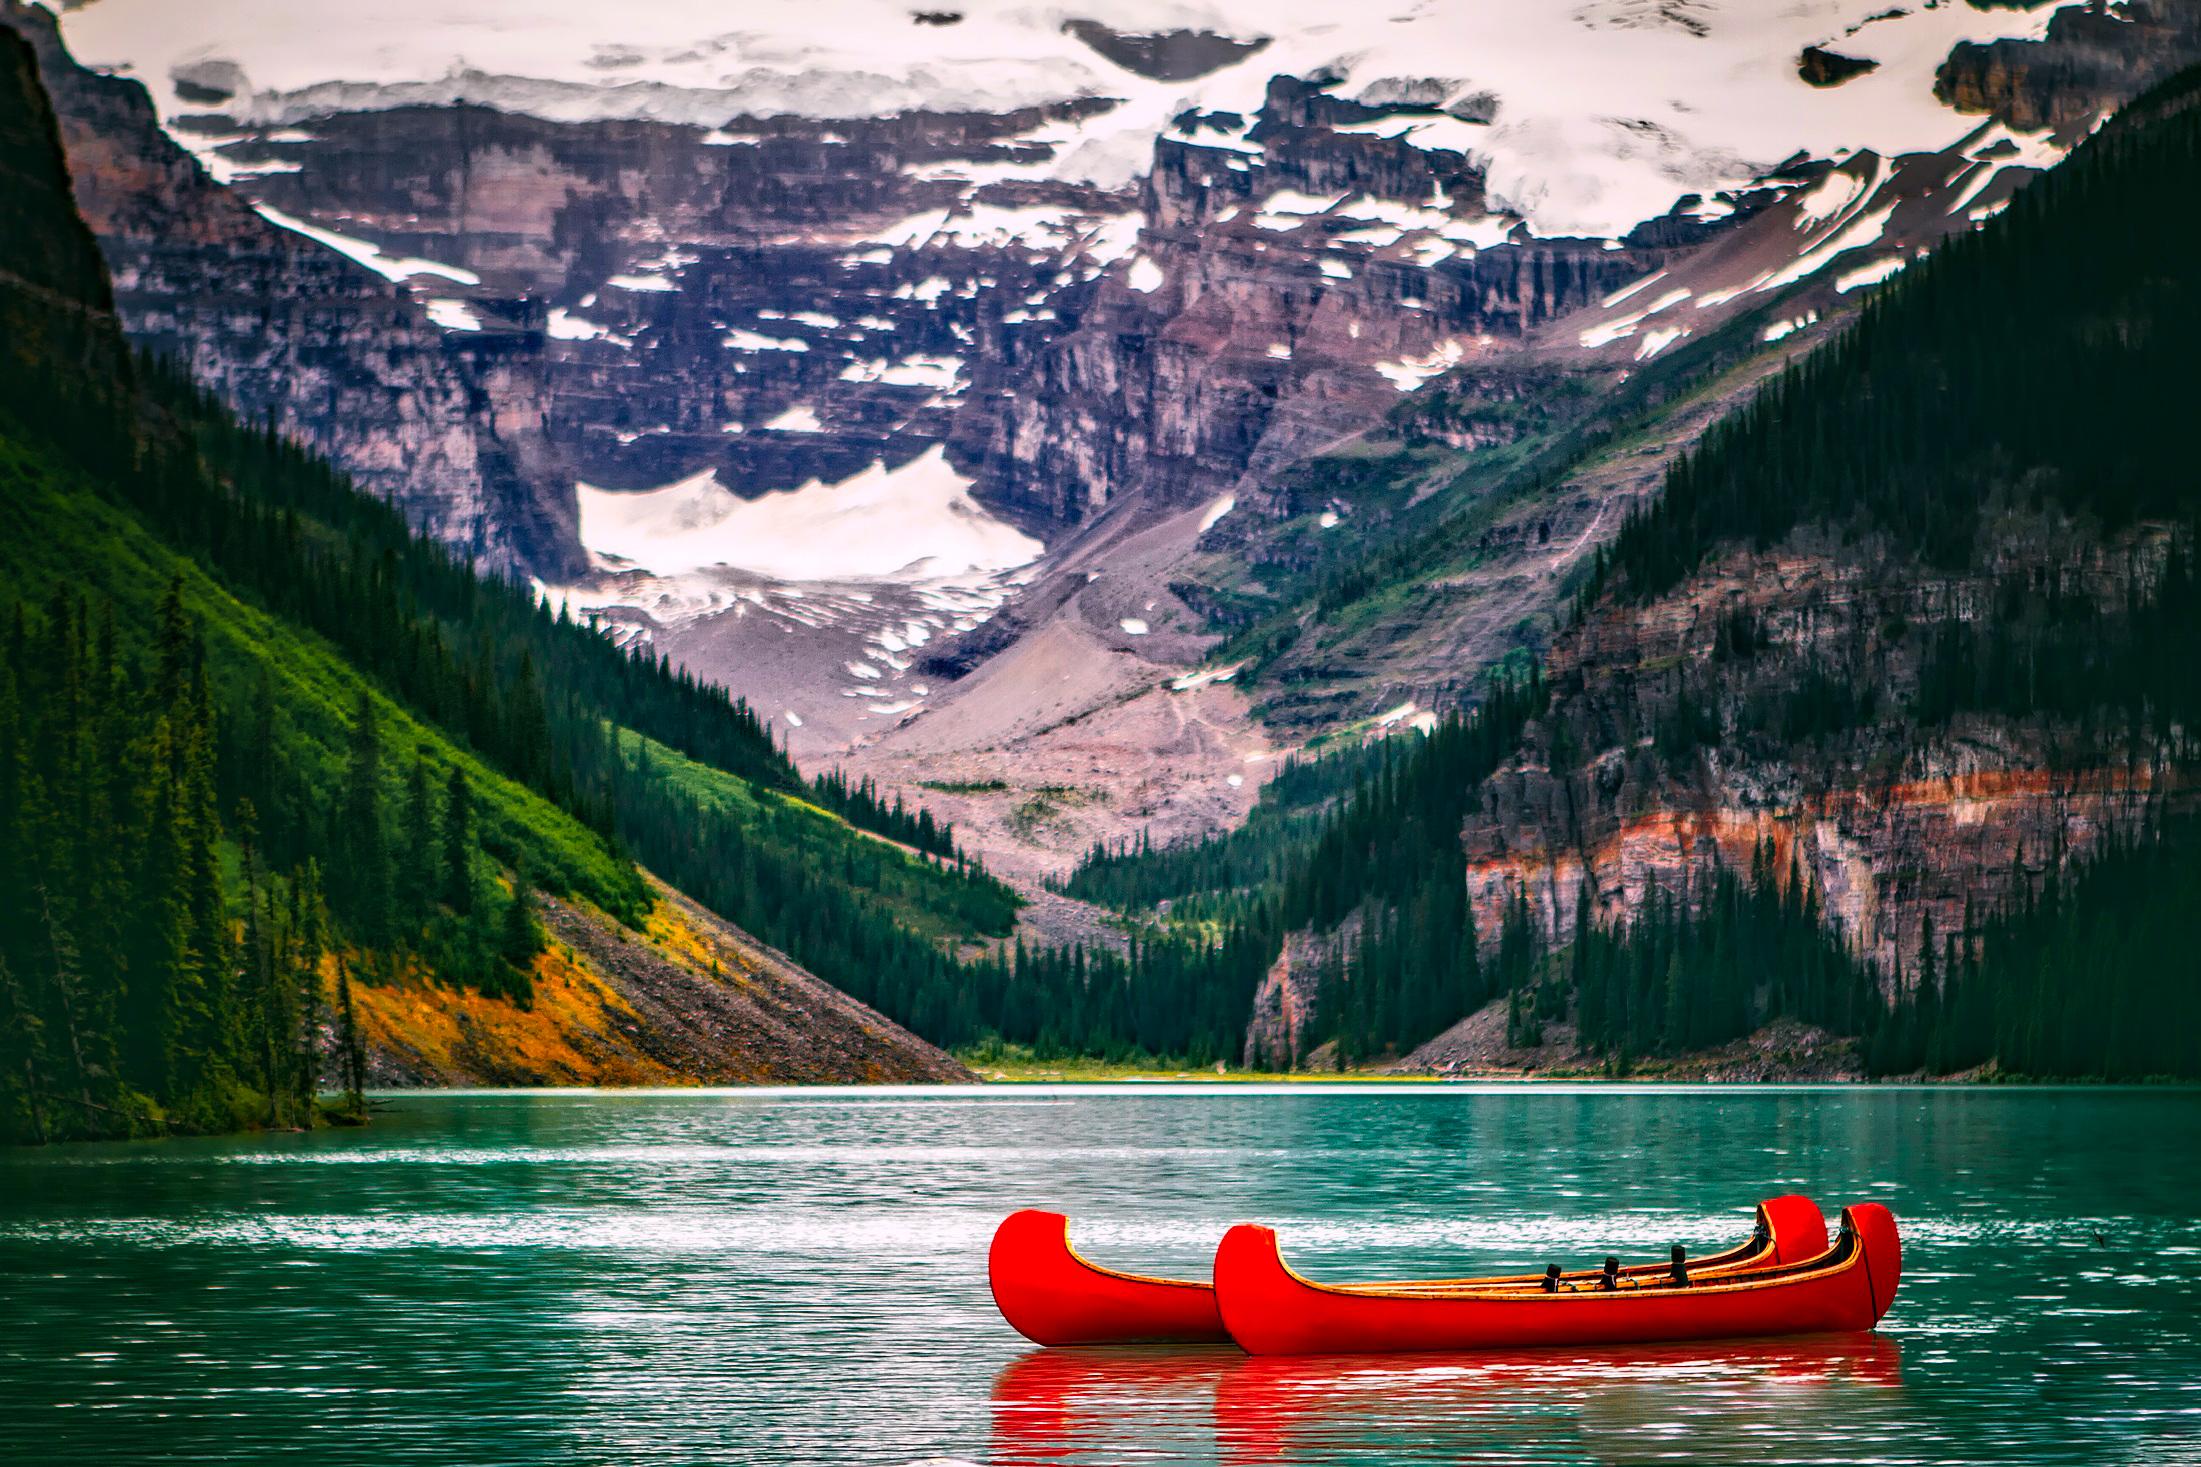 Guía de viajes a Canada, Visa a Canadá, Visado a Canadá canadá - 31977312390 24abafb27a o - Guía de viajes y visa para Canadá